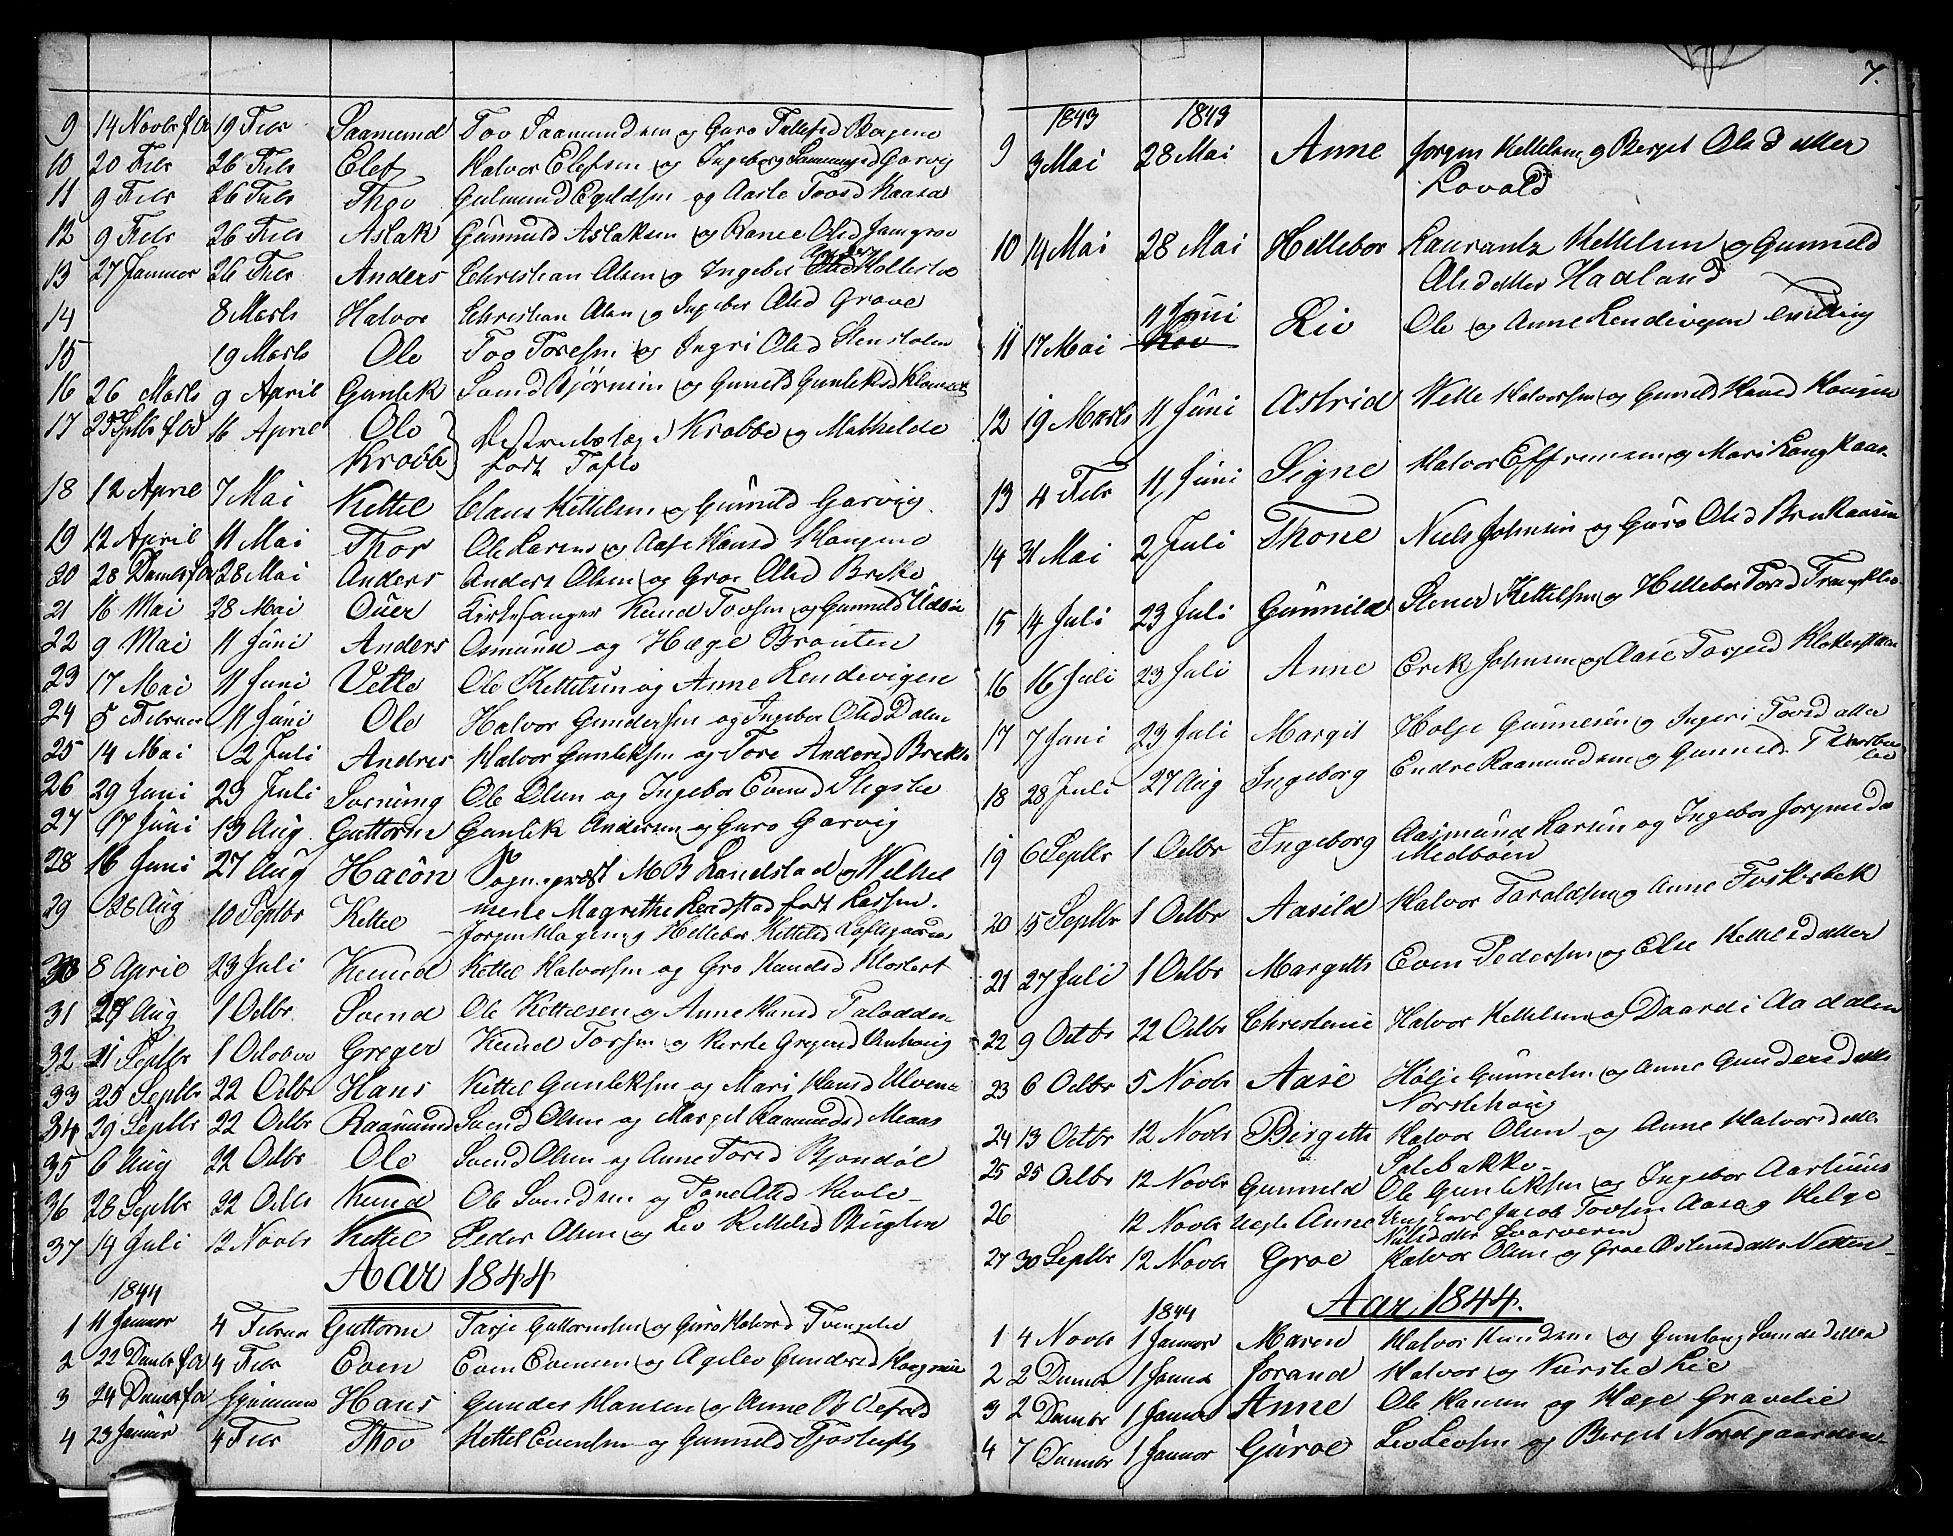 SAKO, Seljord kirkebøker, G/Ga/L0002: Klokkerbok nr. I 2, 1838-1866, s. 7